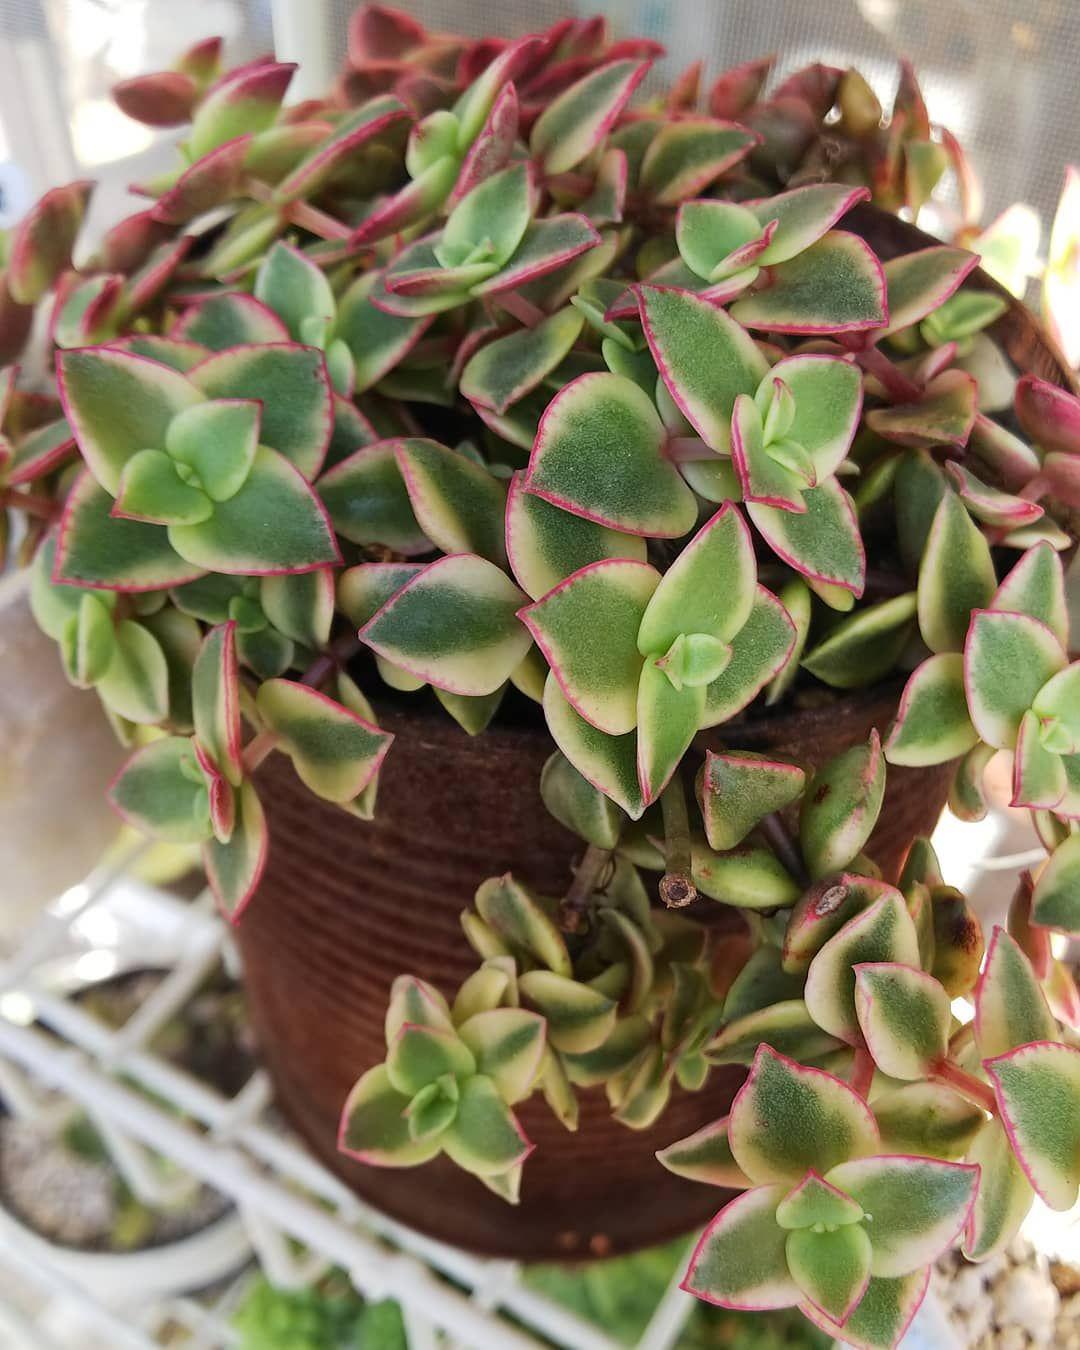 Calico Kitten Repost Hiroorooro Crassula Calicokitten Succulents Subscriptionbox Gardening Succulentcollecti Cactos E Suculentas Suculentas Jardinagem